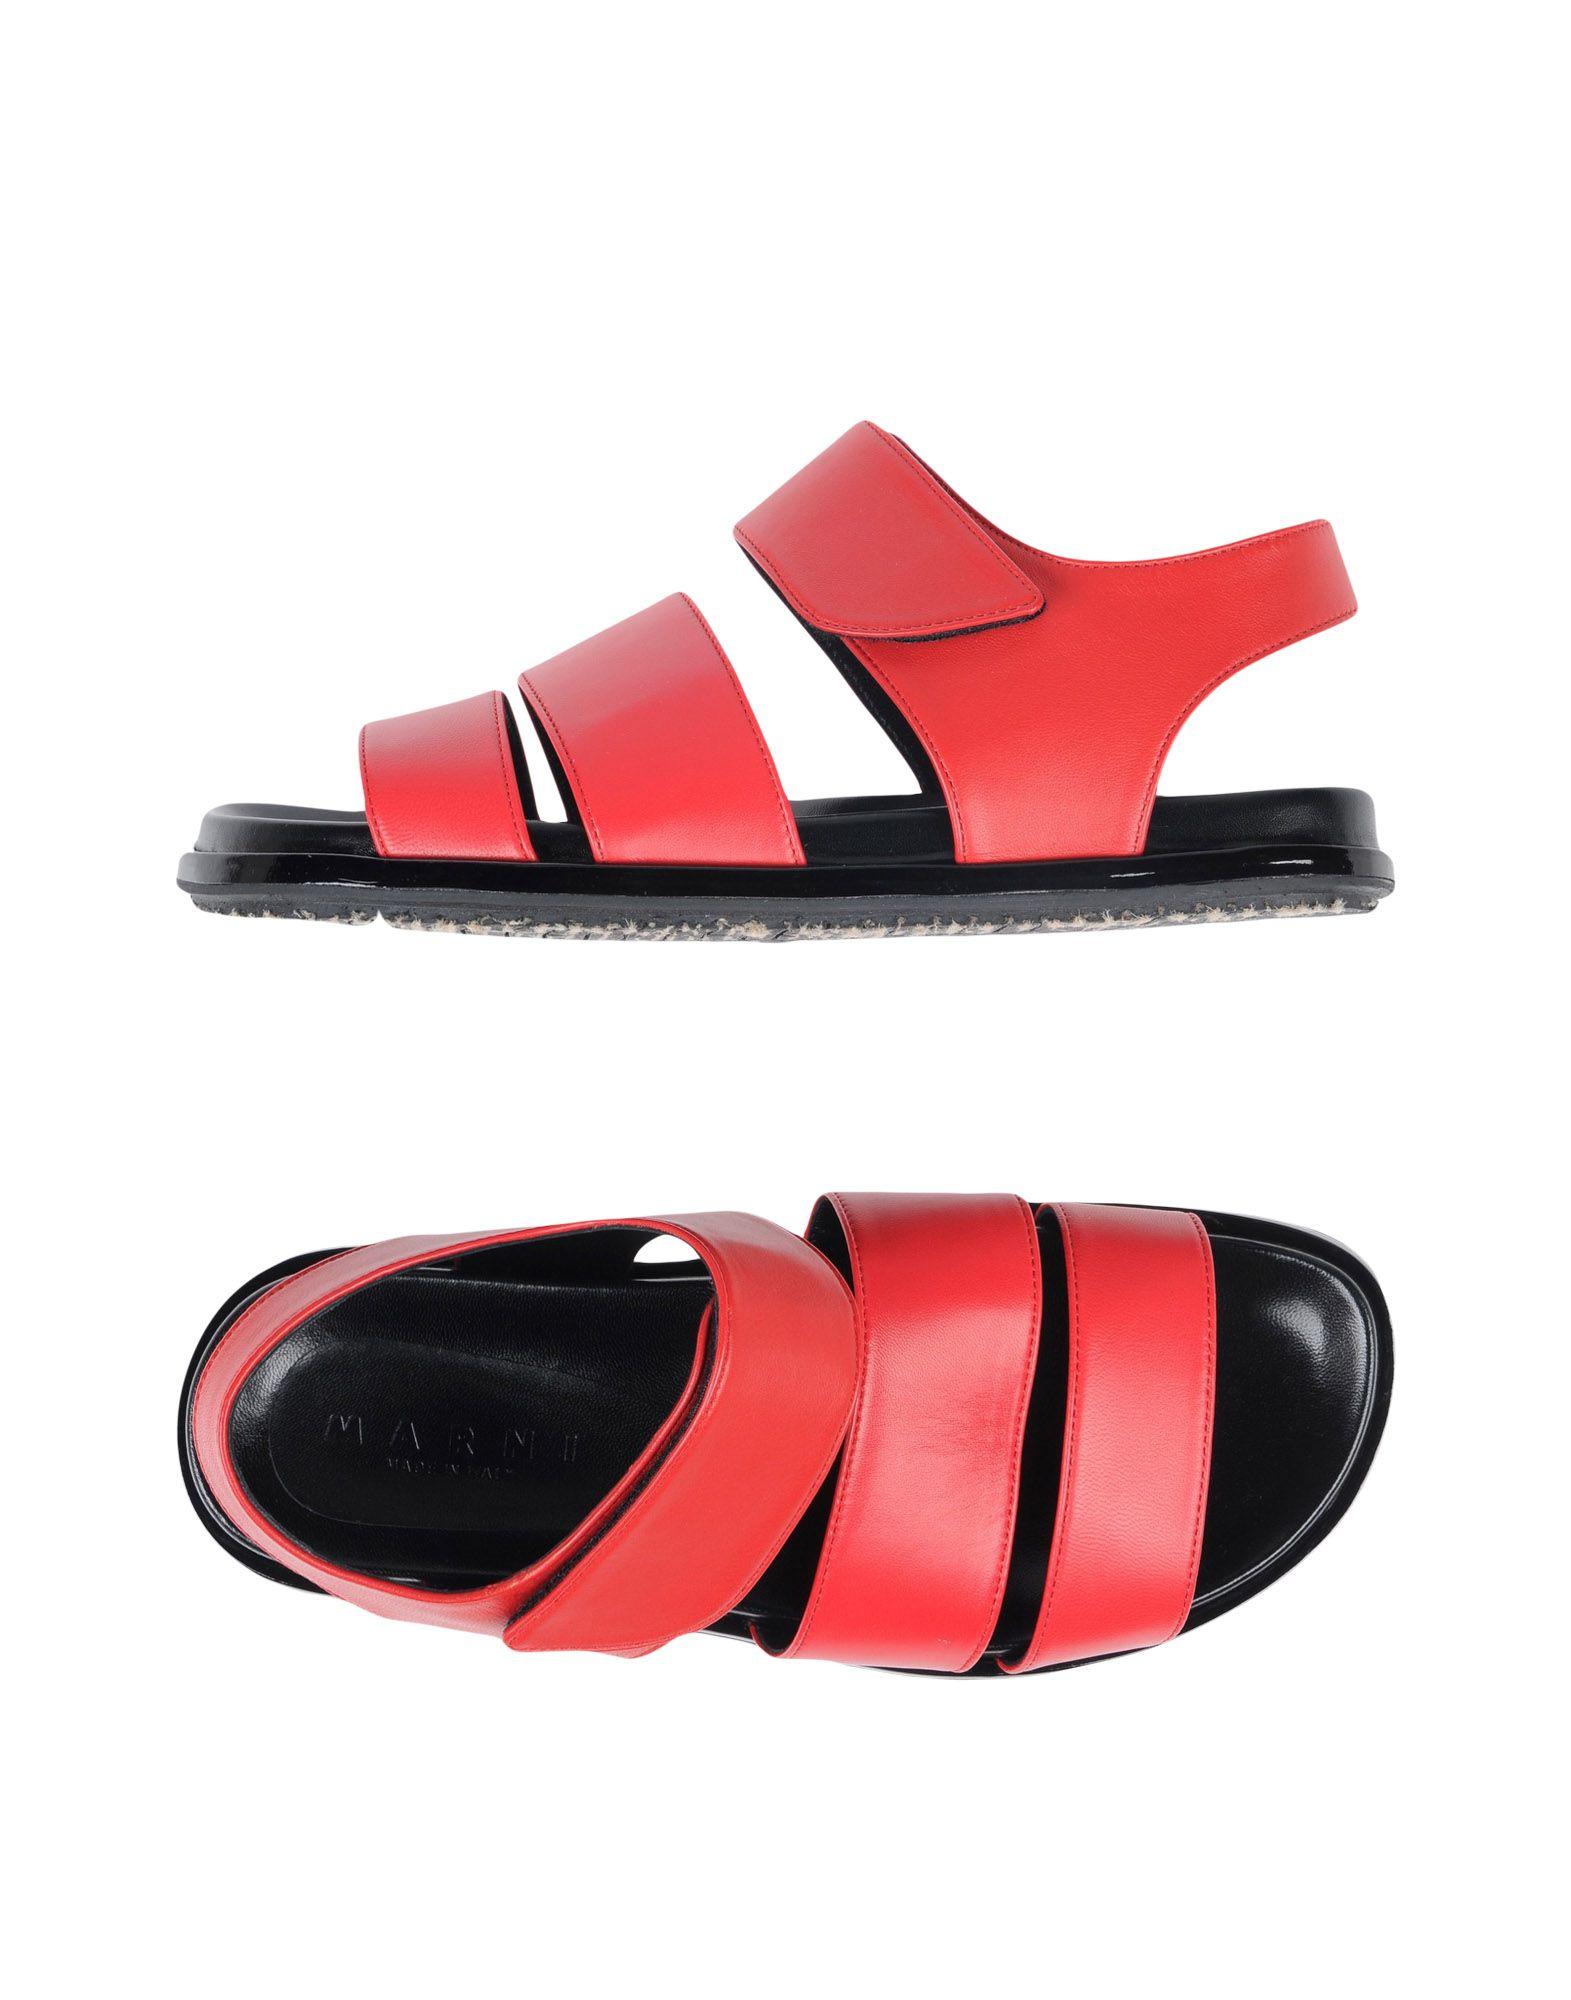 Marni Sandalen Damen Heiße  11418286PW Heiße Damen Schuhe 44496e